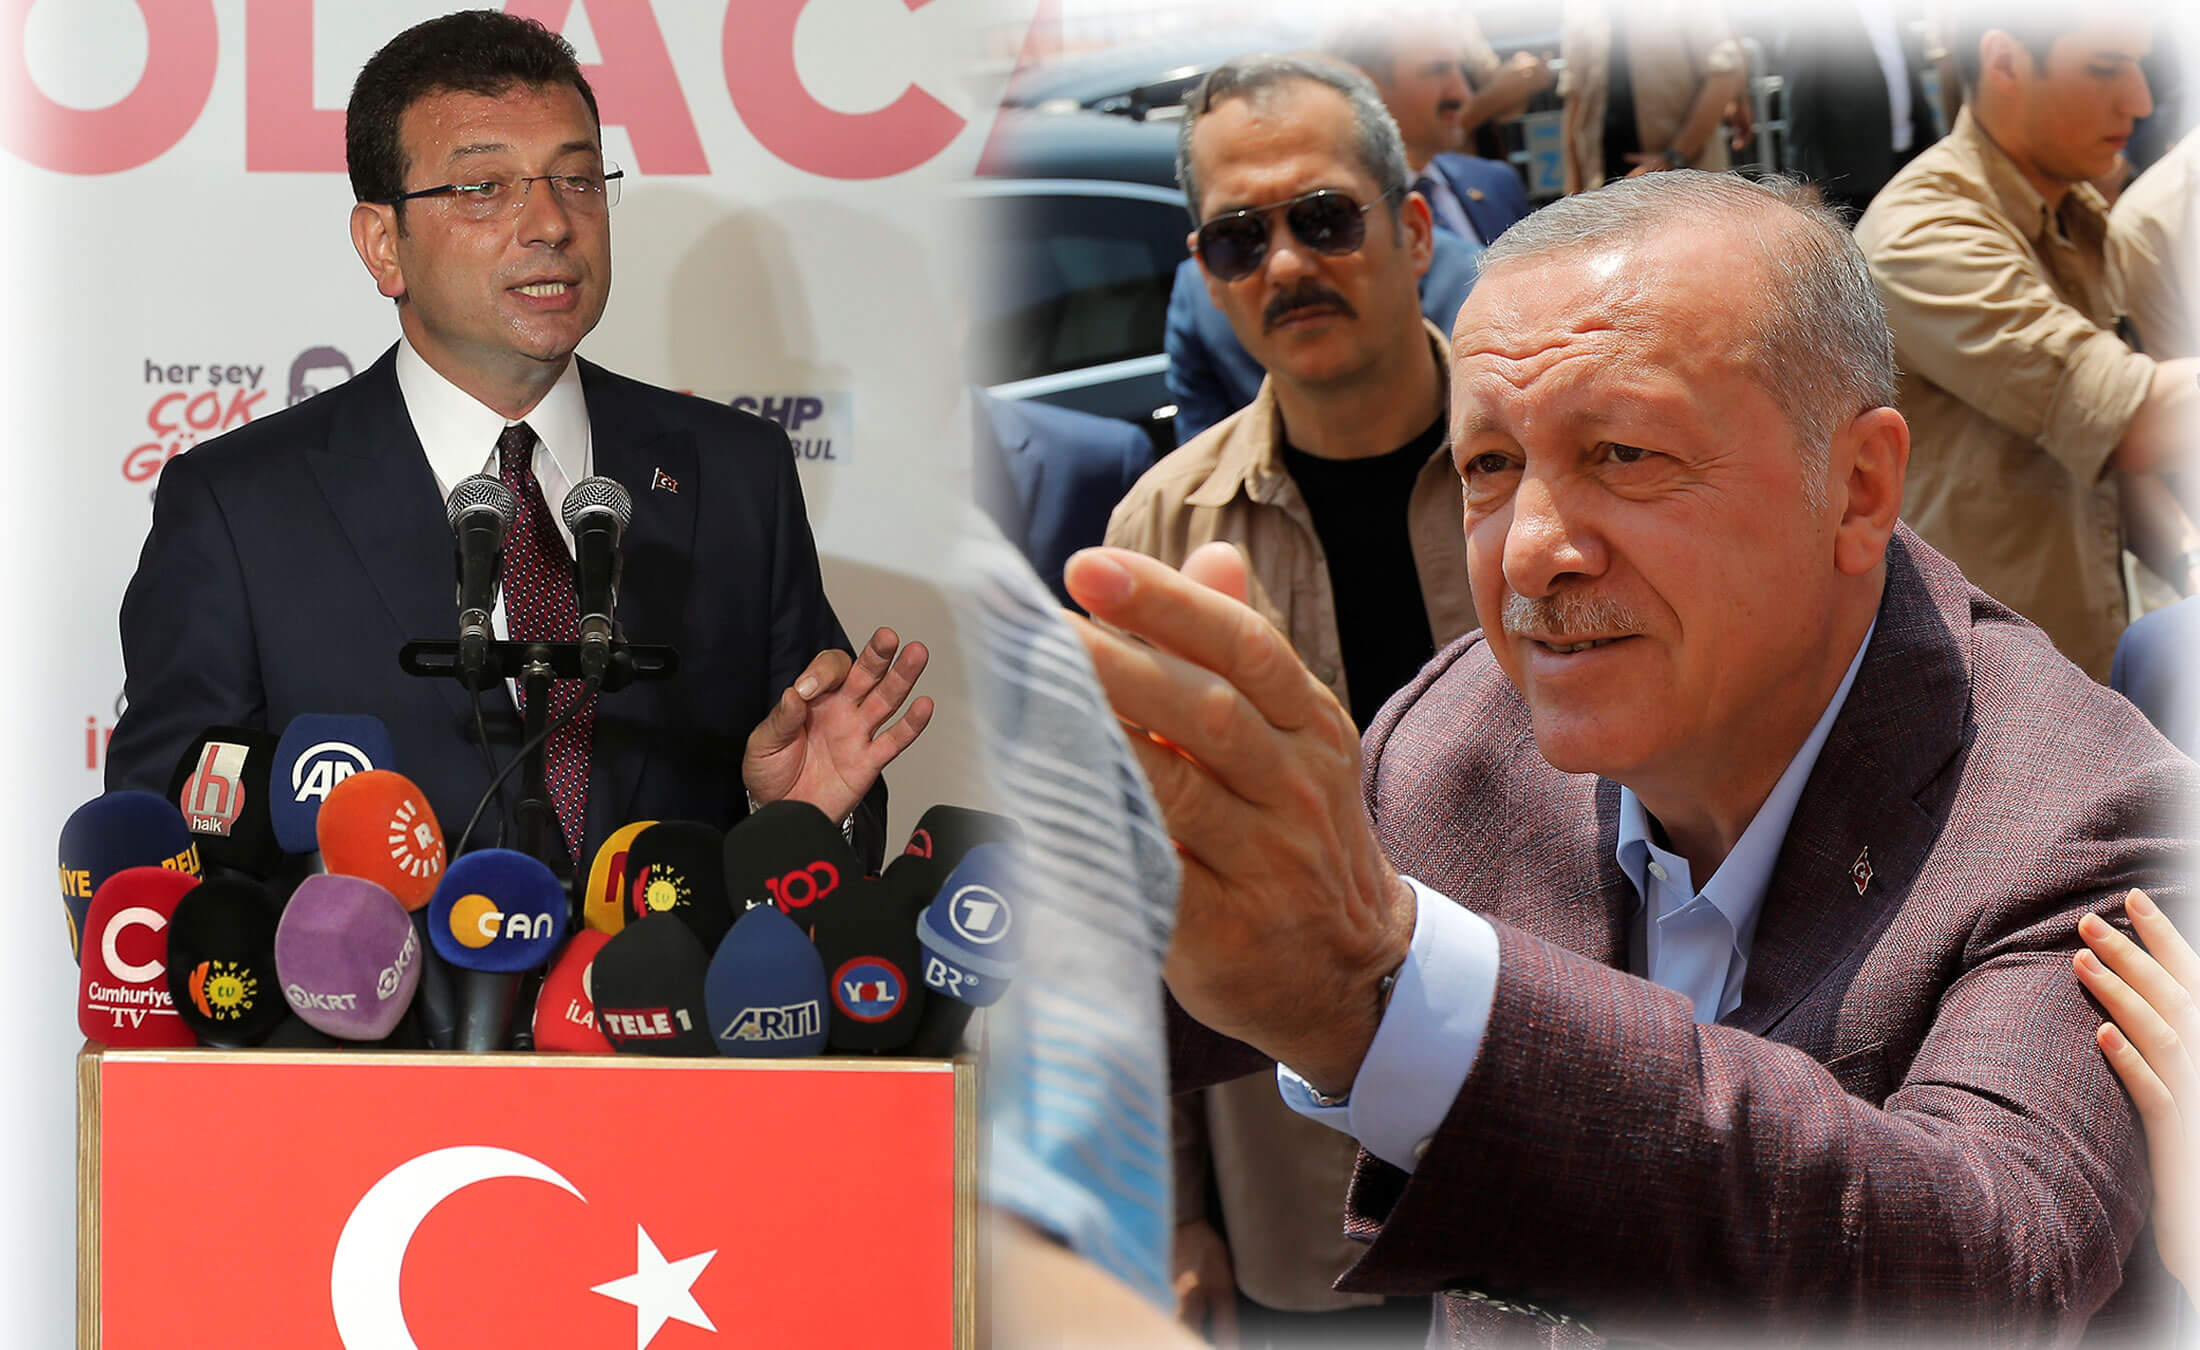 «Τρικλοποδιές» Ερντογάν σε Ιμάμογλου για να μην πωλείται φθηνό ψωμί